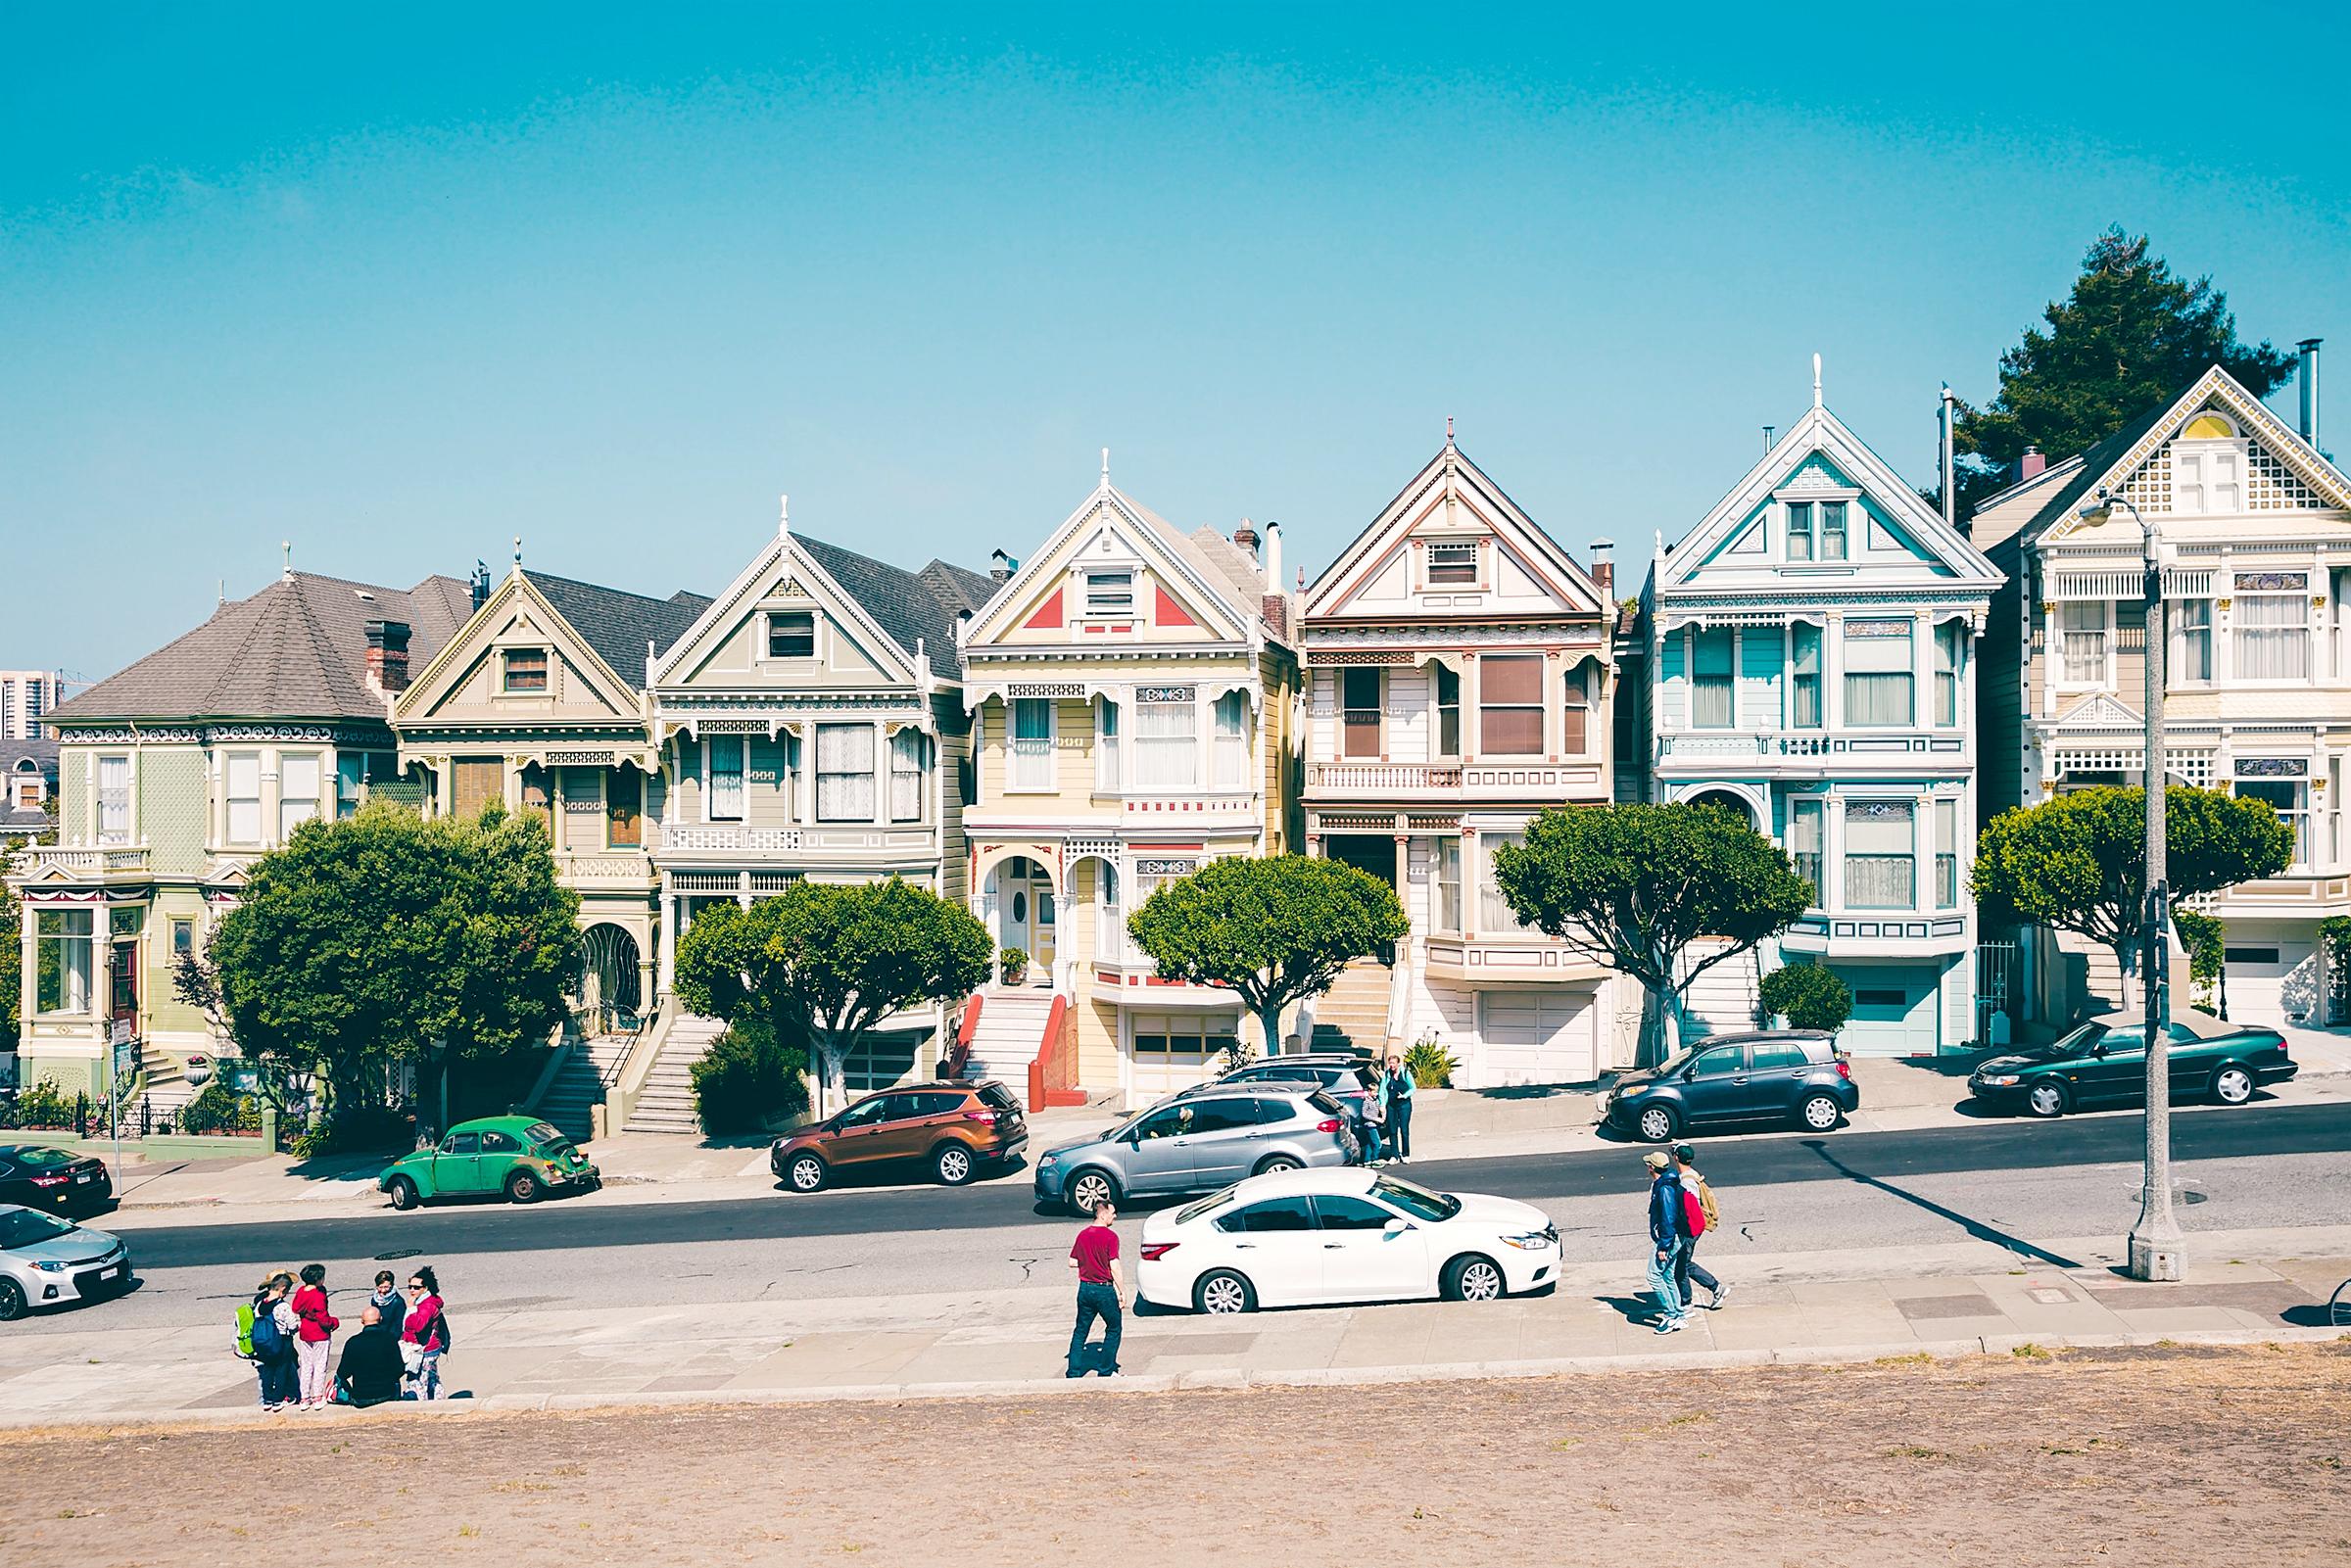 American Express Viaggi San Francisco